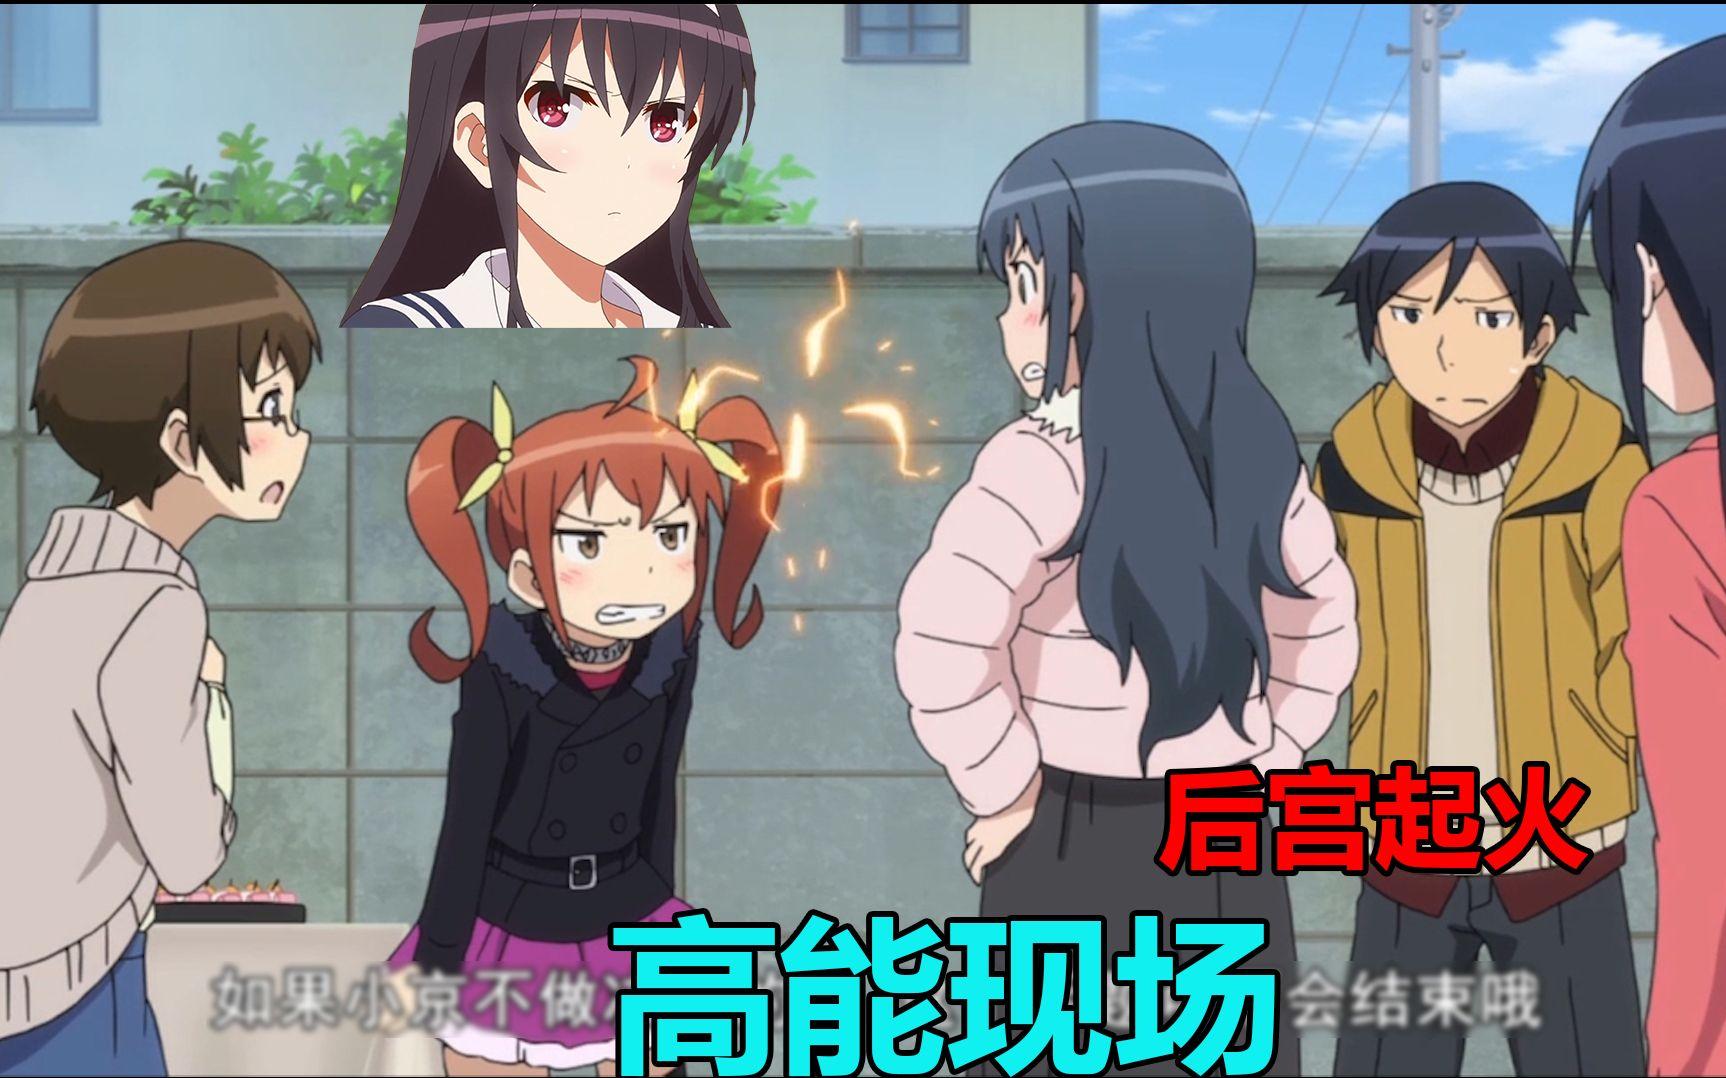 【前方高能】动画里后宫起火现场 第十七期